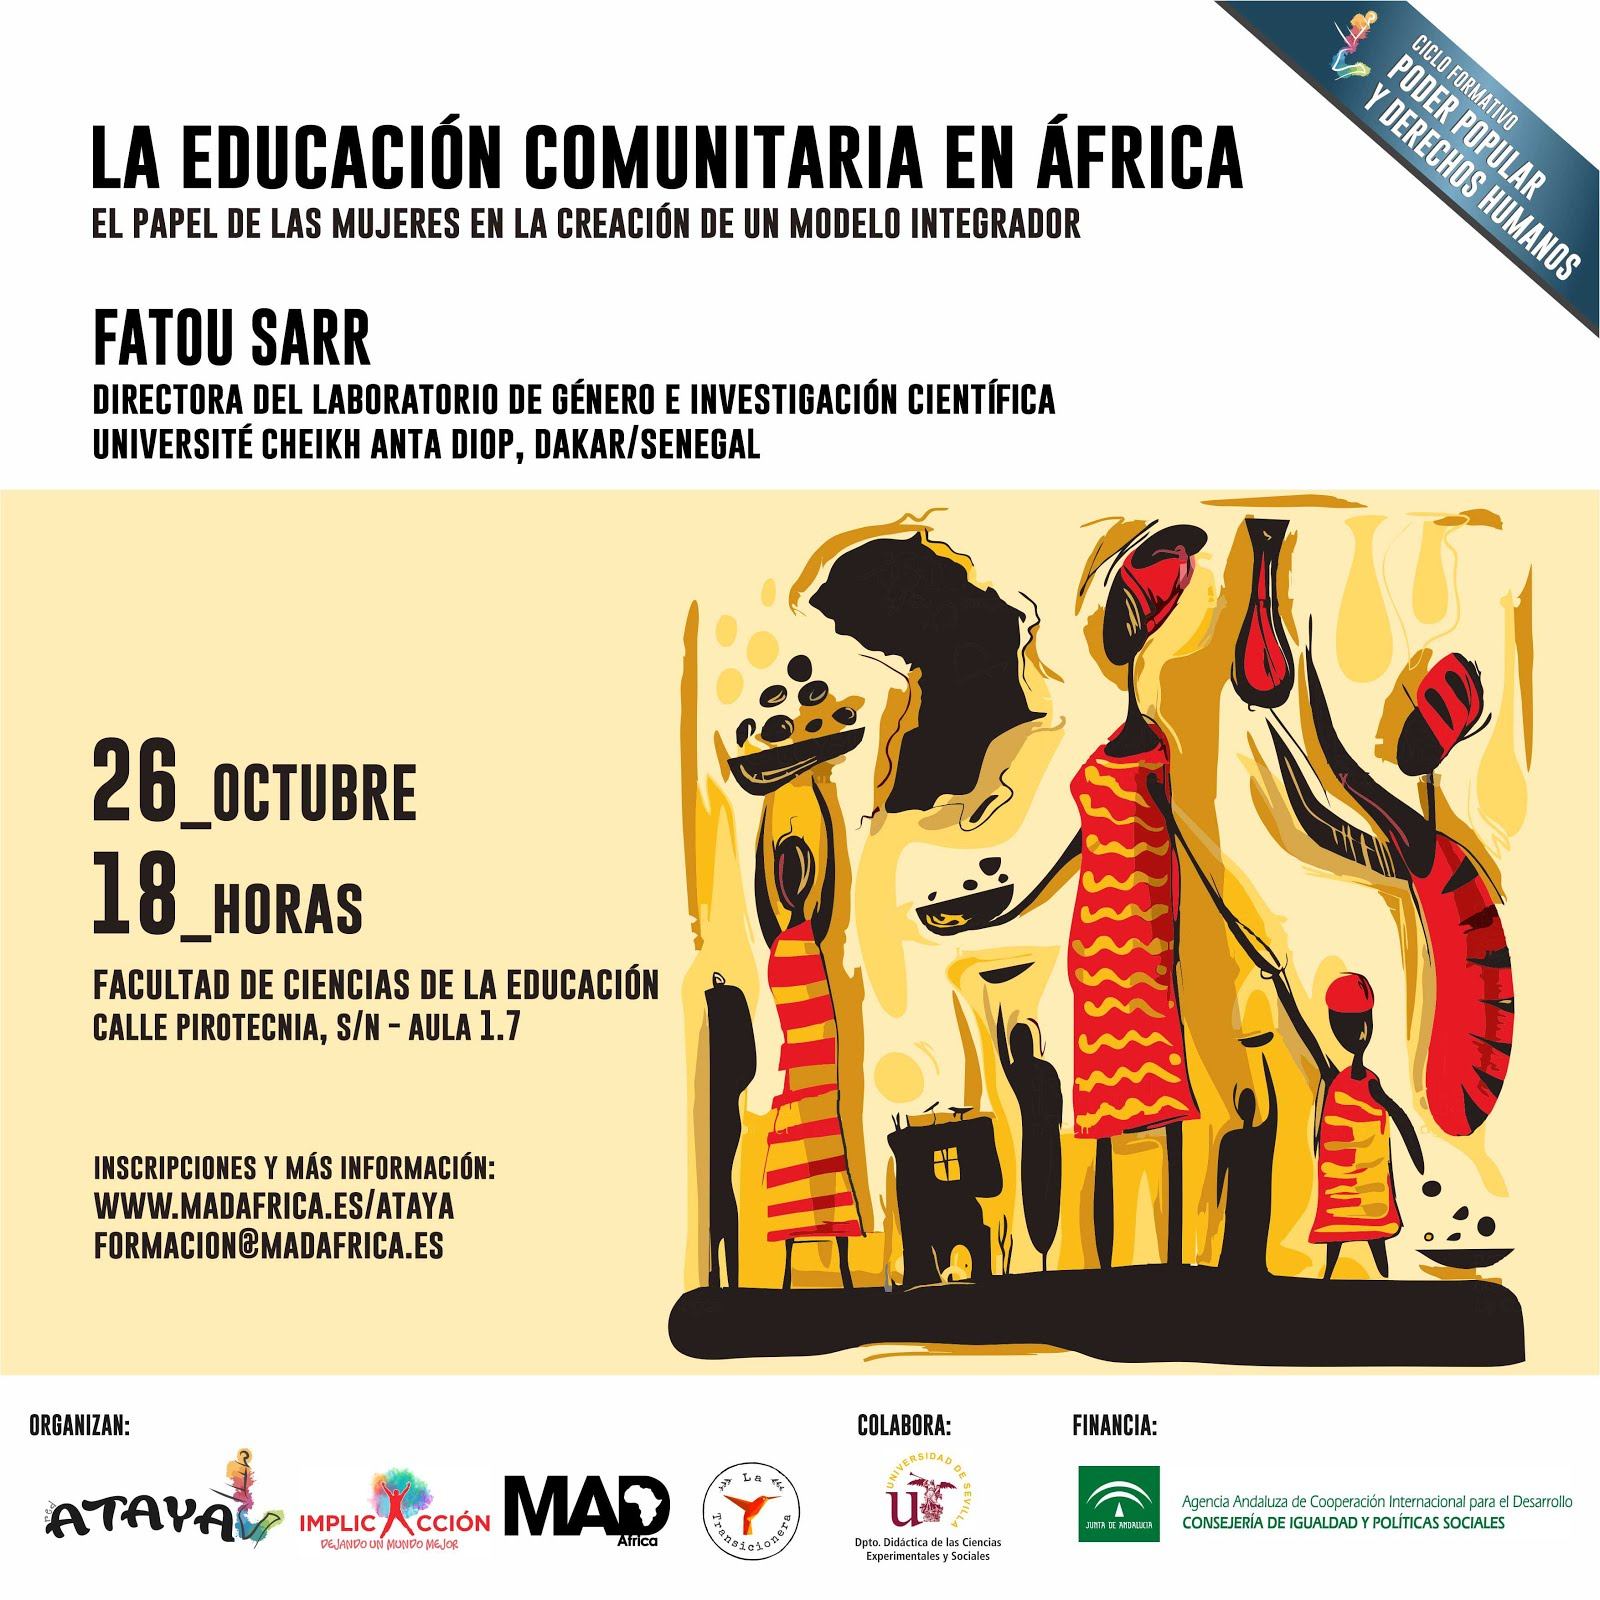 LA EDUCACIÓN COMUNITARIA EN ÁFRICA. El papel de las mujeres en la creación de un modelo integrador.